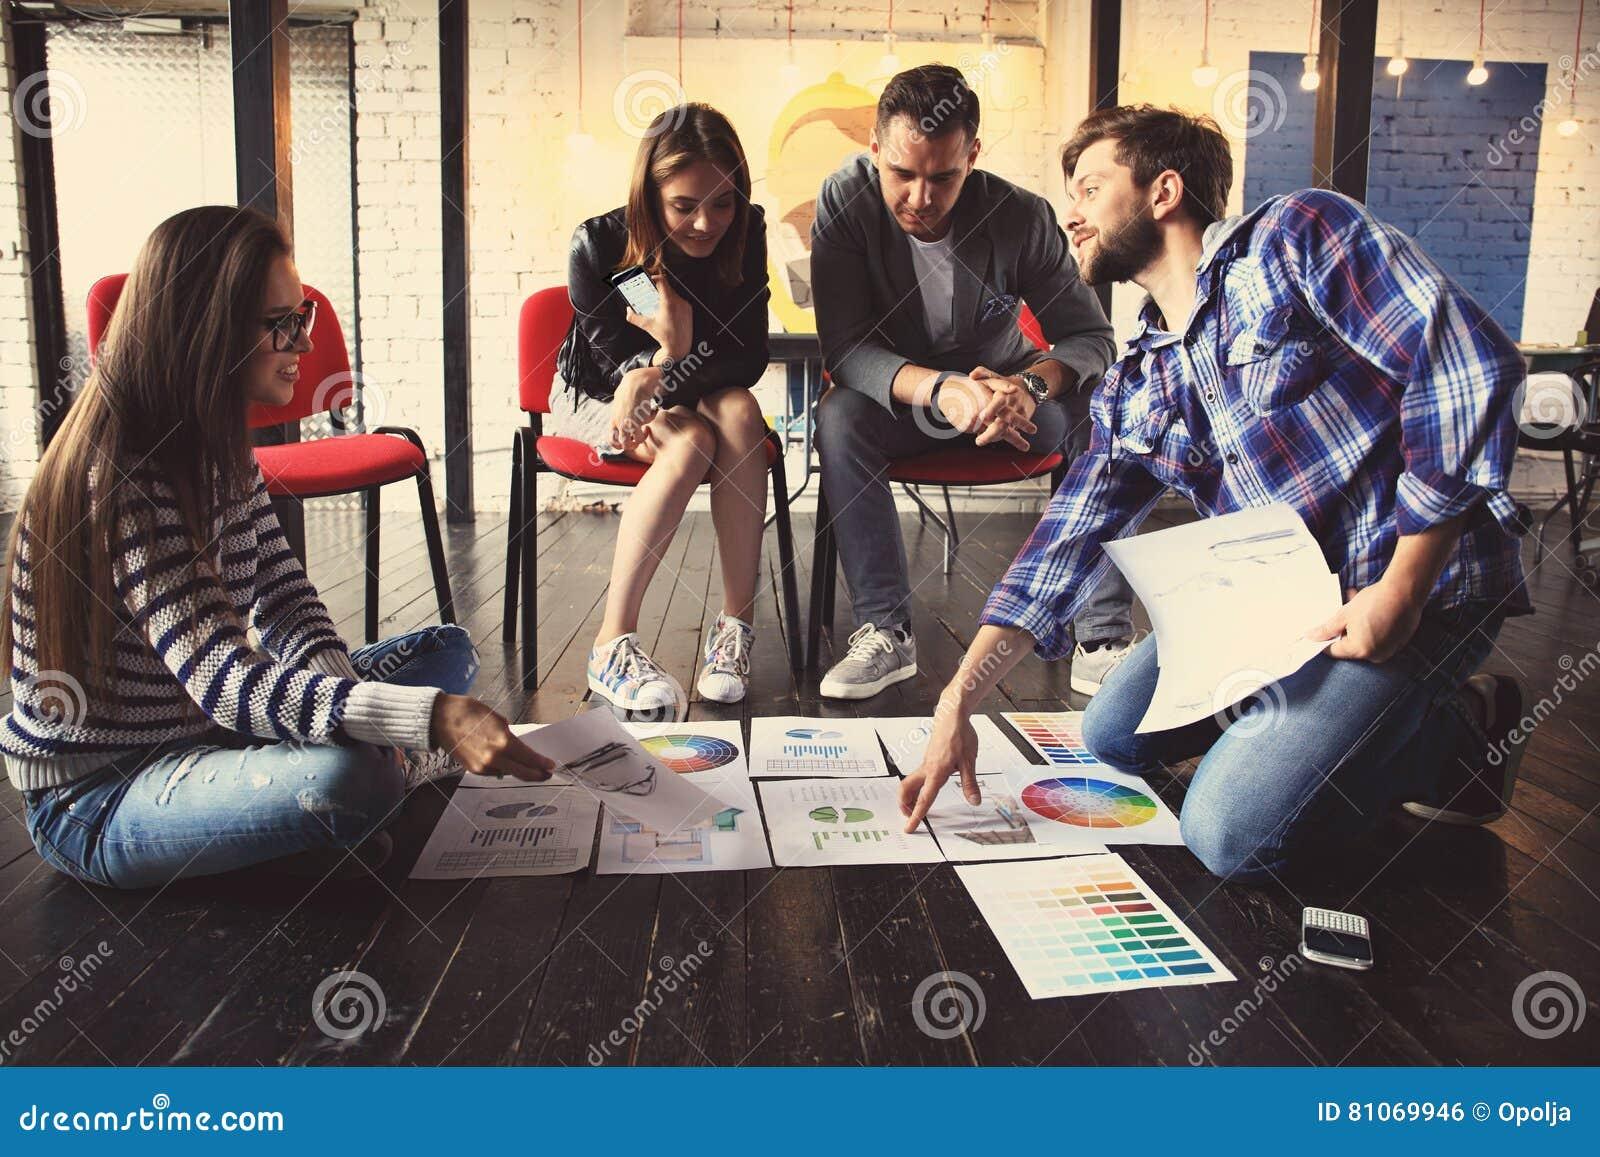 Έννοια συνεδρίασης του  brainstorming  ομαδικής εργασίας ποικιλομορφίας ξεκινήματος Σφαιρικό lap-top οικονομίας διανομής συναδέλφ